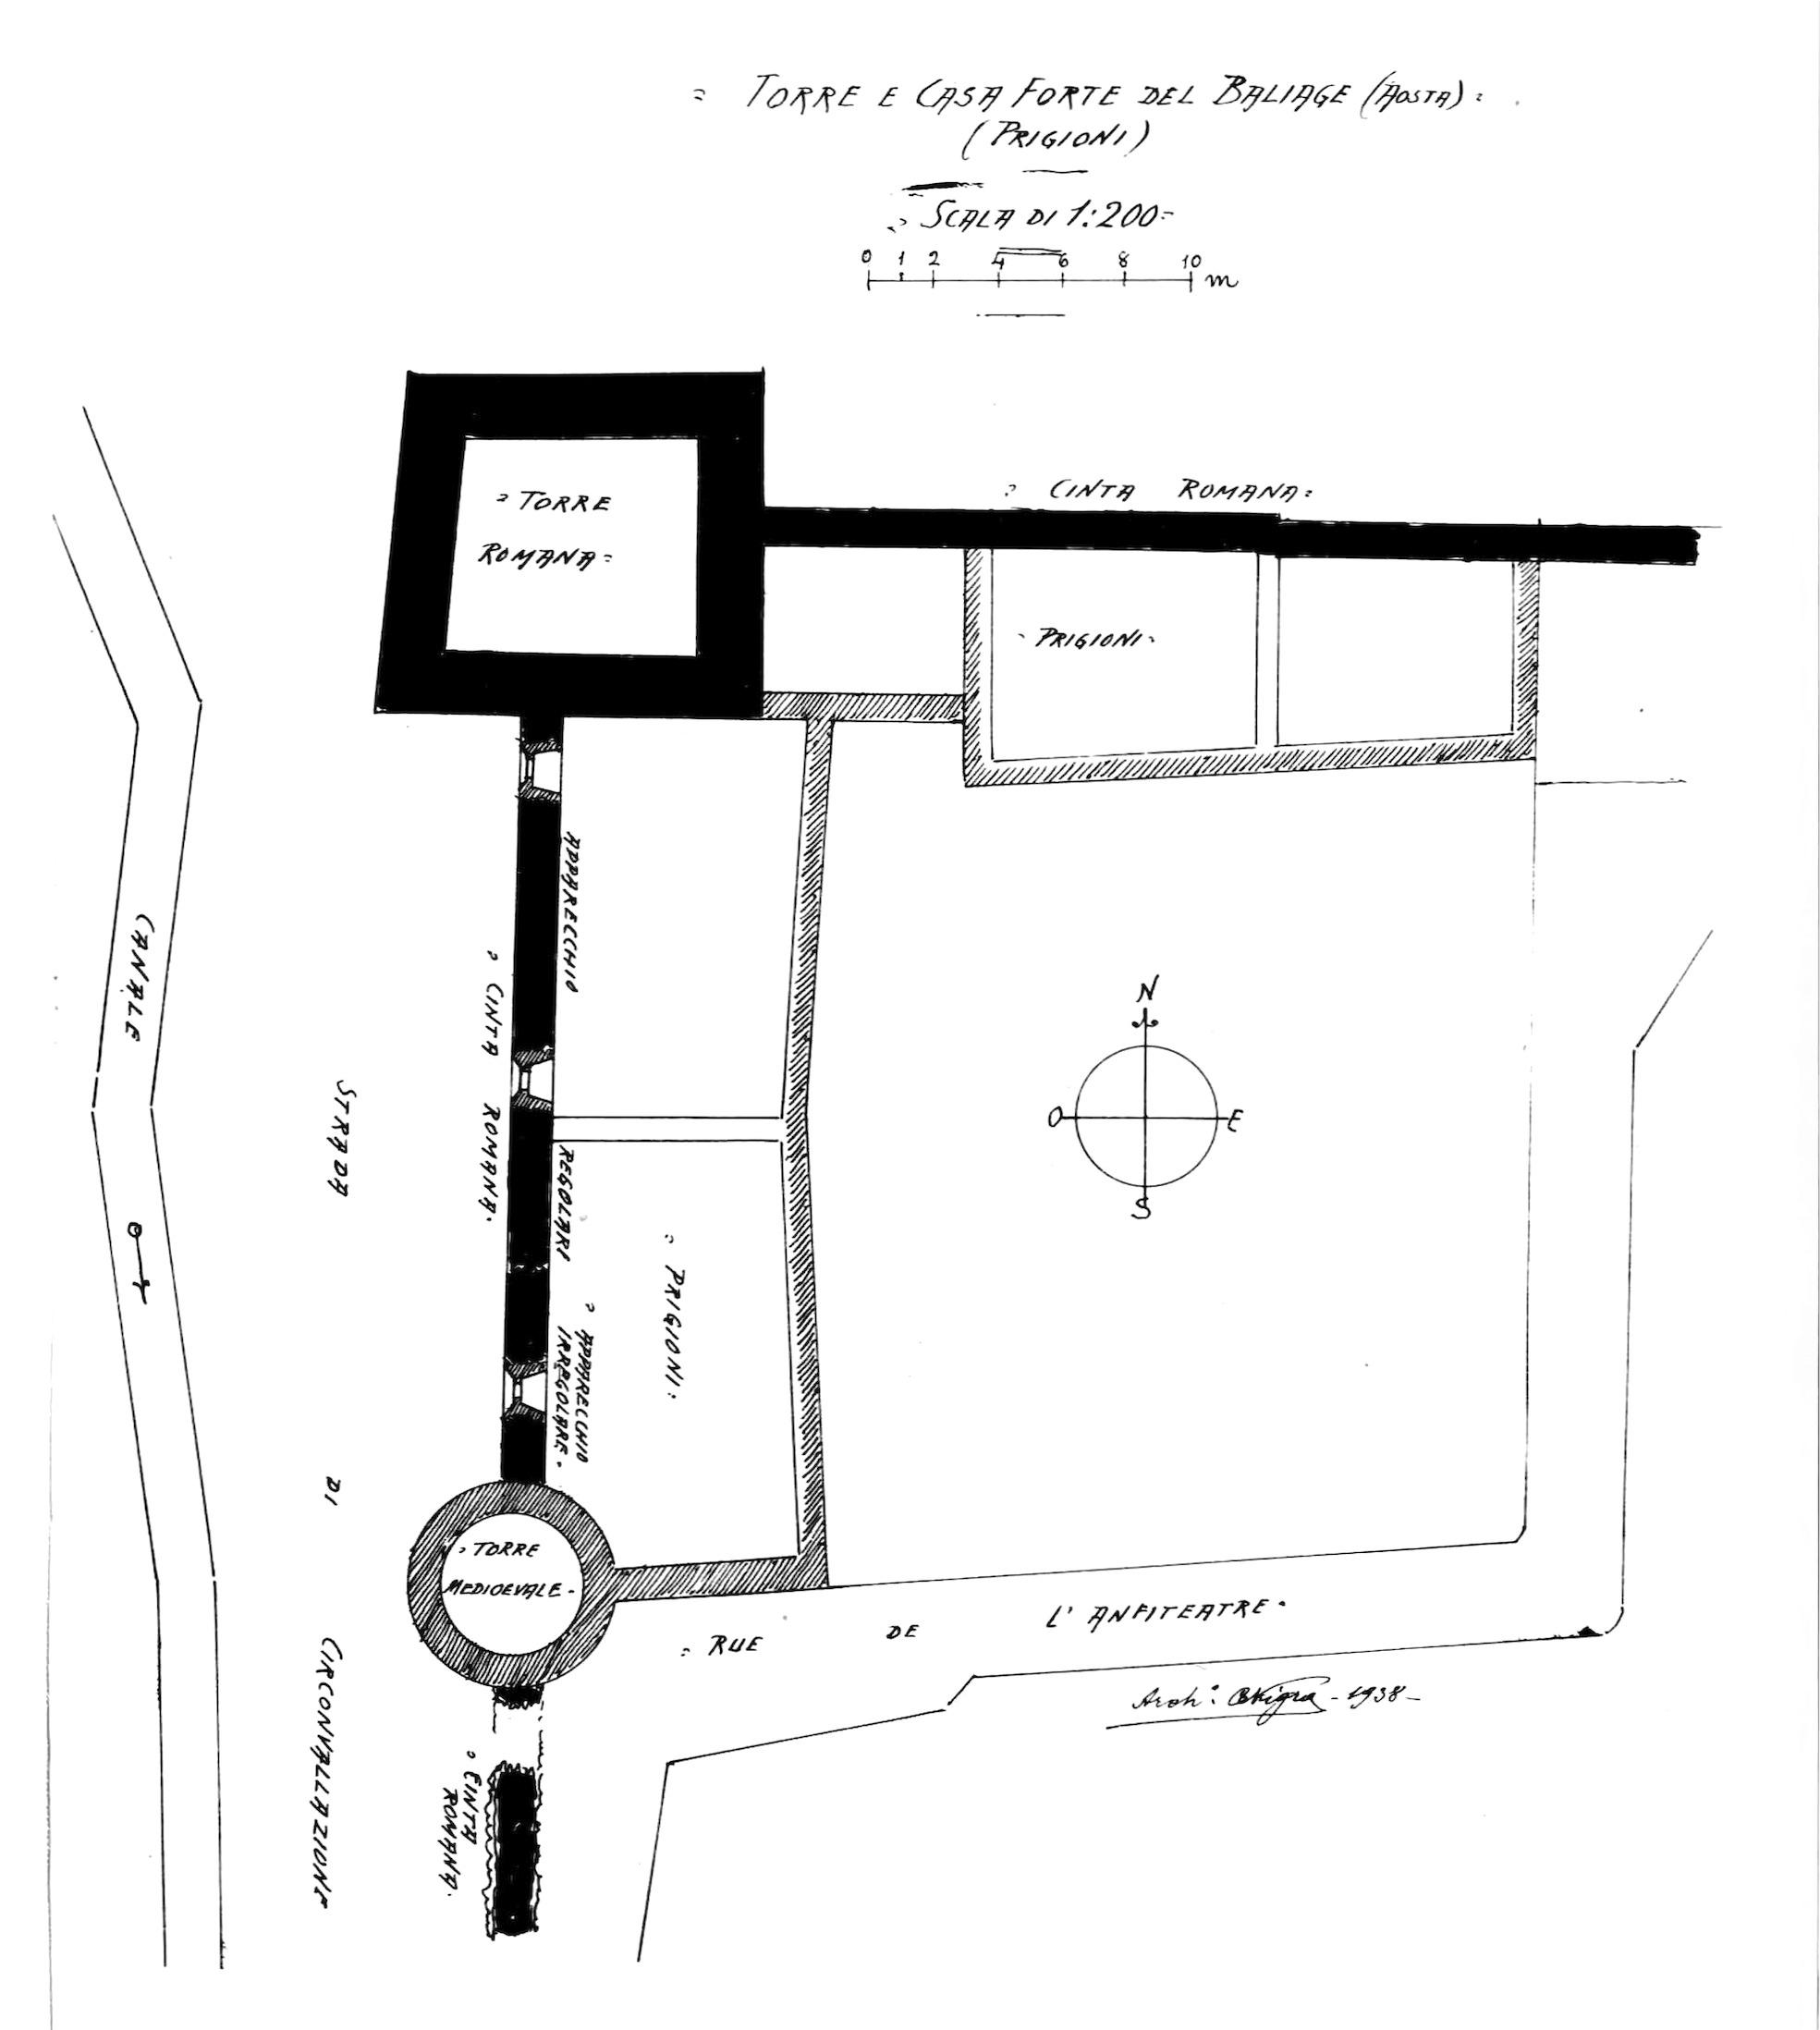 file fig 213  torre e casaforte del baliage  aosta  prigioni  pianta  1938  nigra tiff